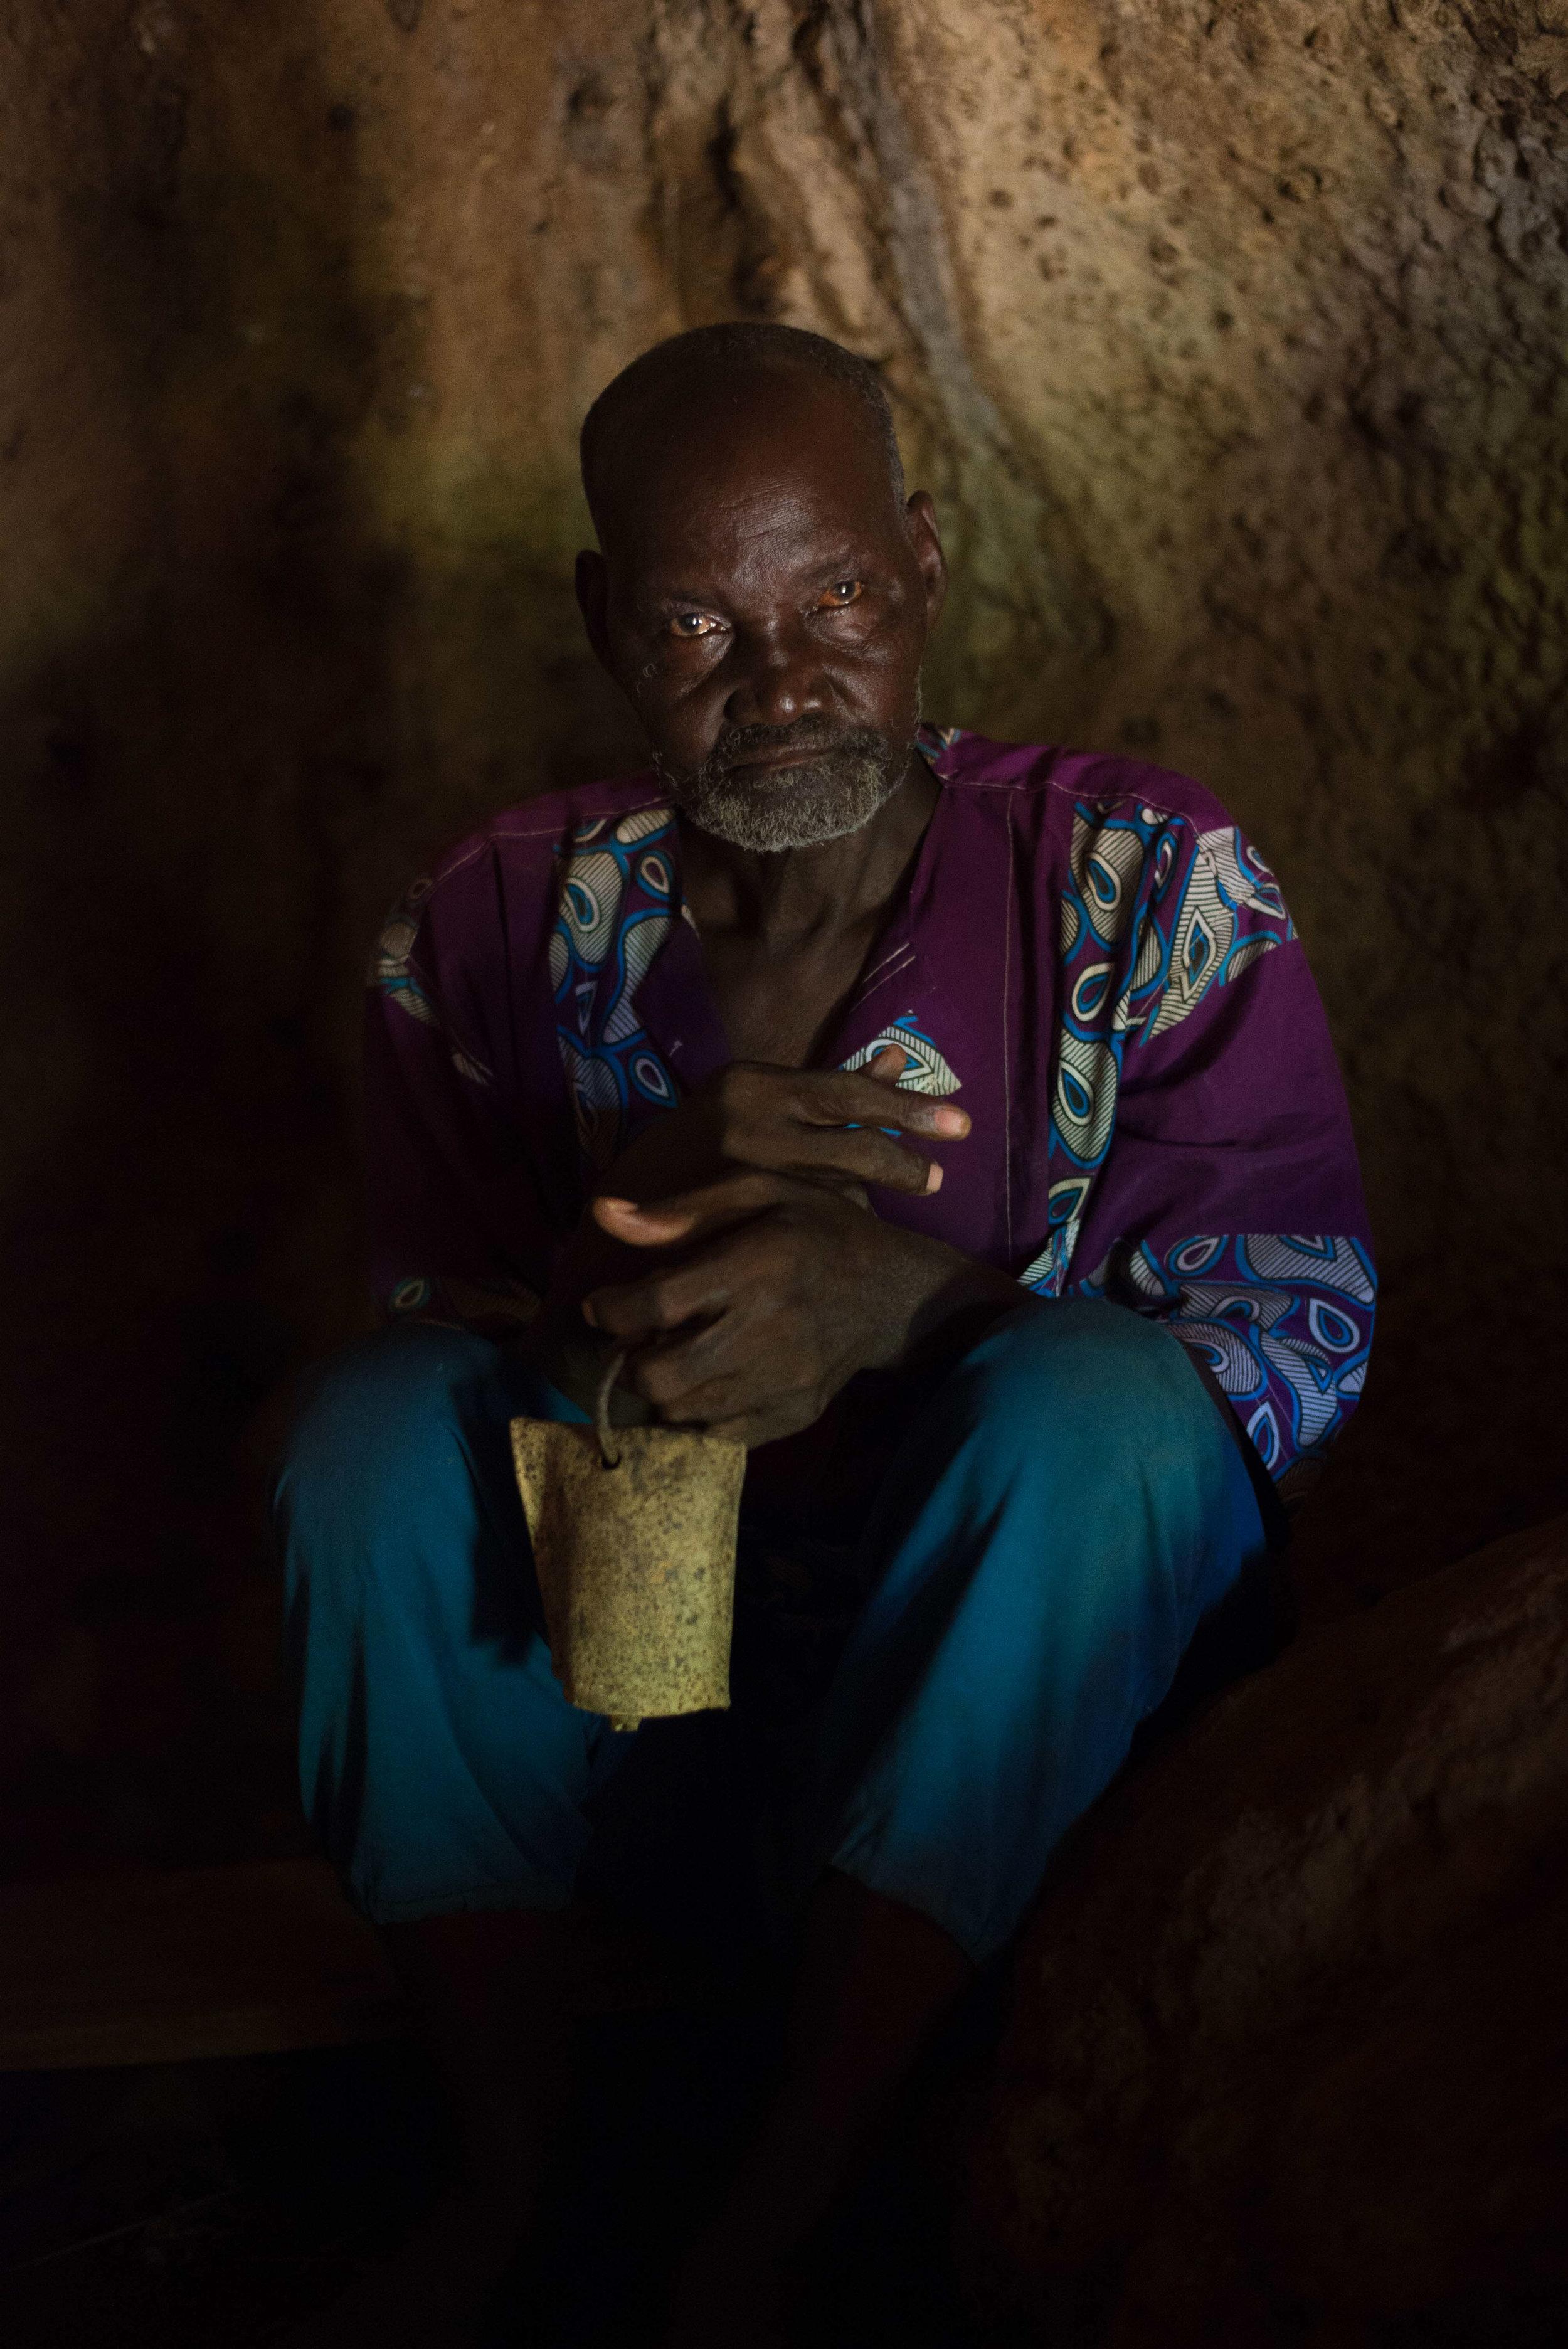 In the Baobab, Burkina Faso, 2016